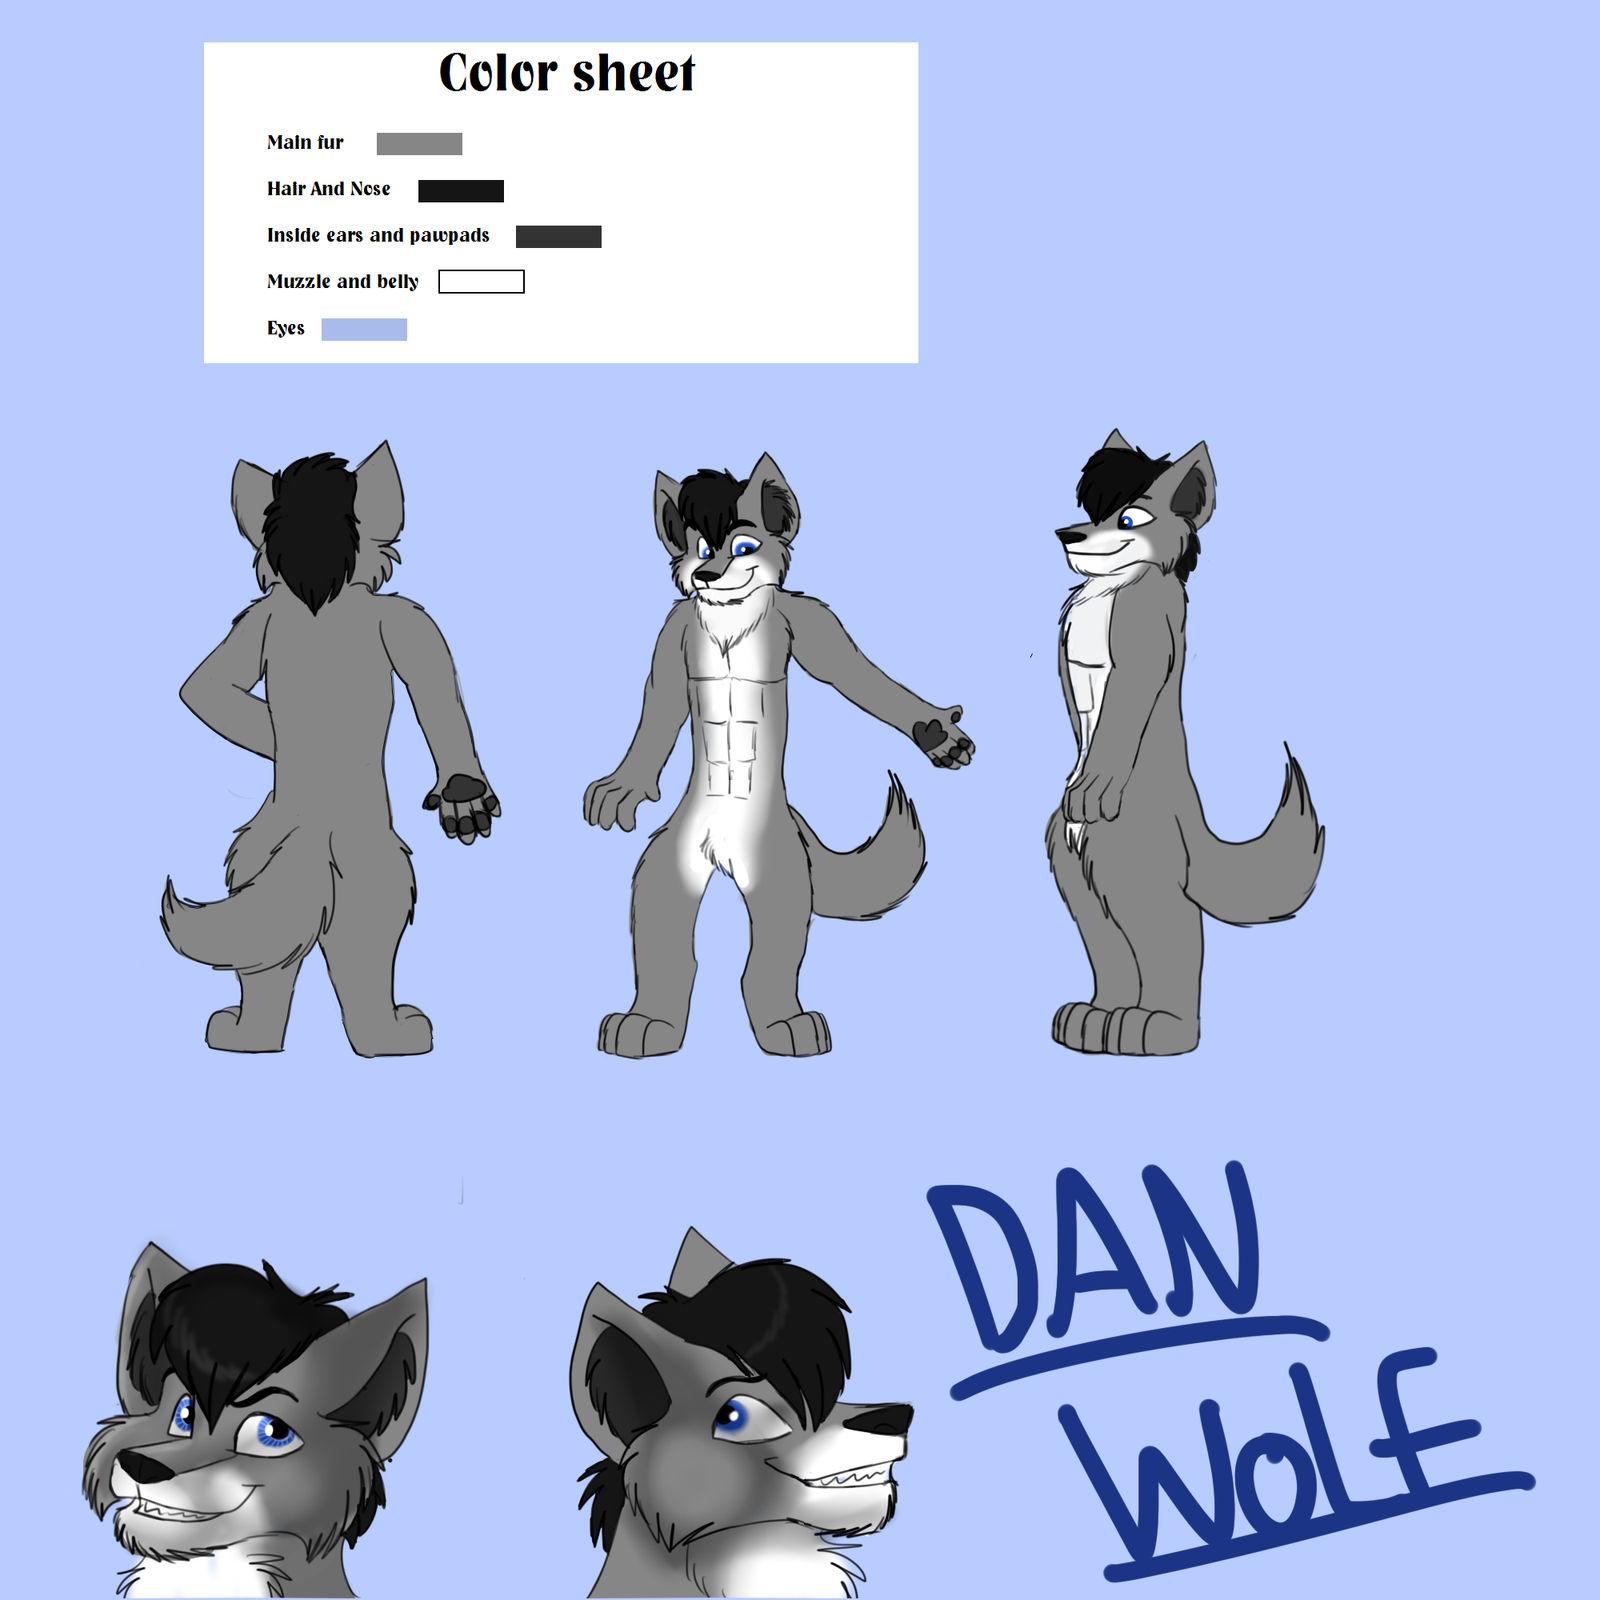 Dan wolf ref sheet